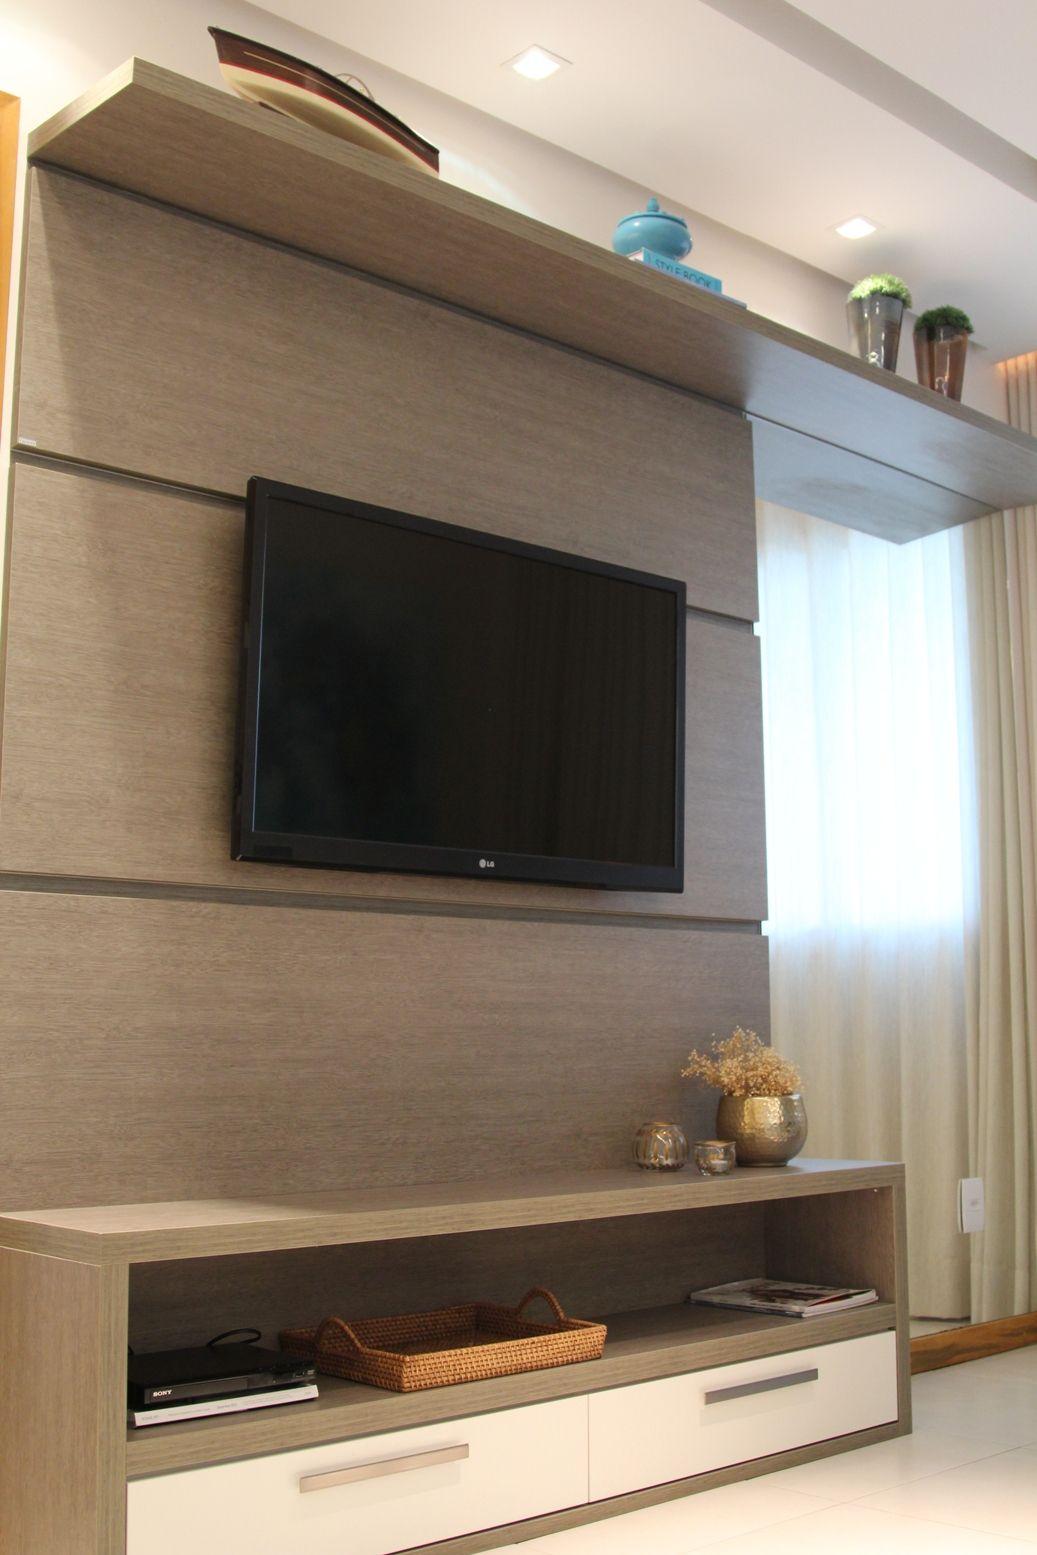 Sala Do Apartamento Decorado No Felice Pitua U Tv Wall Units  -> Sanca De Gesso Sala De Tv